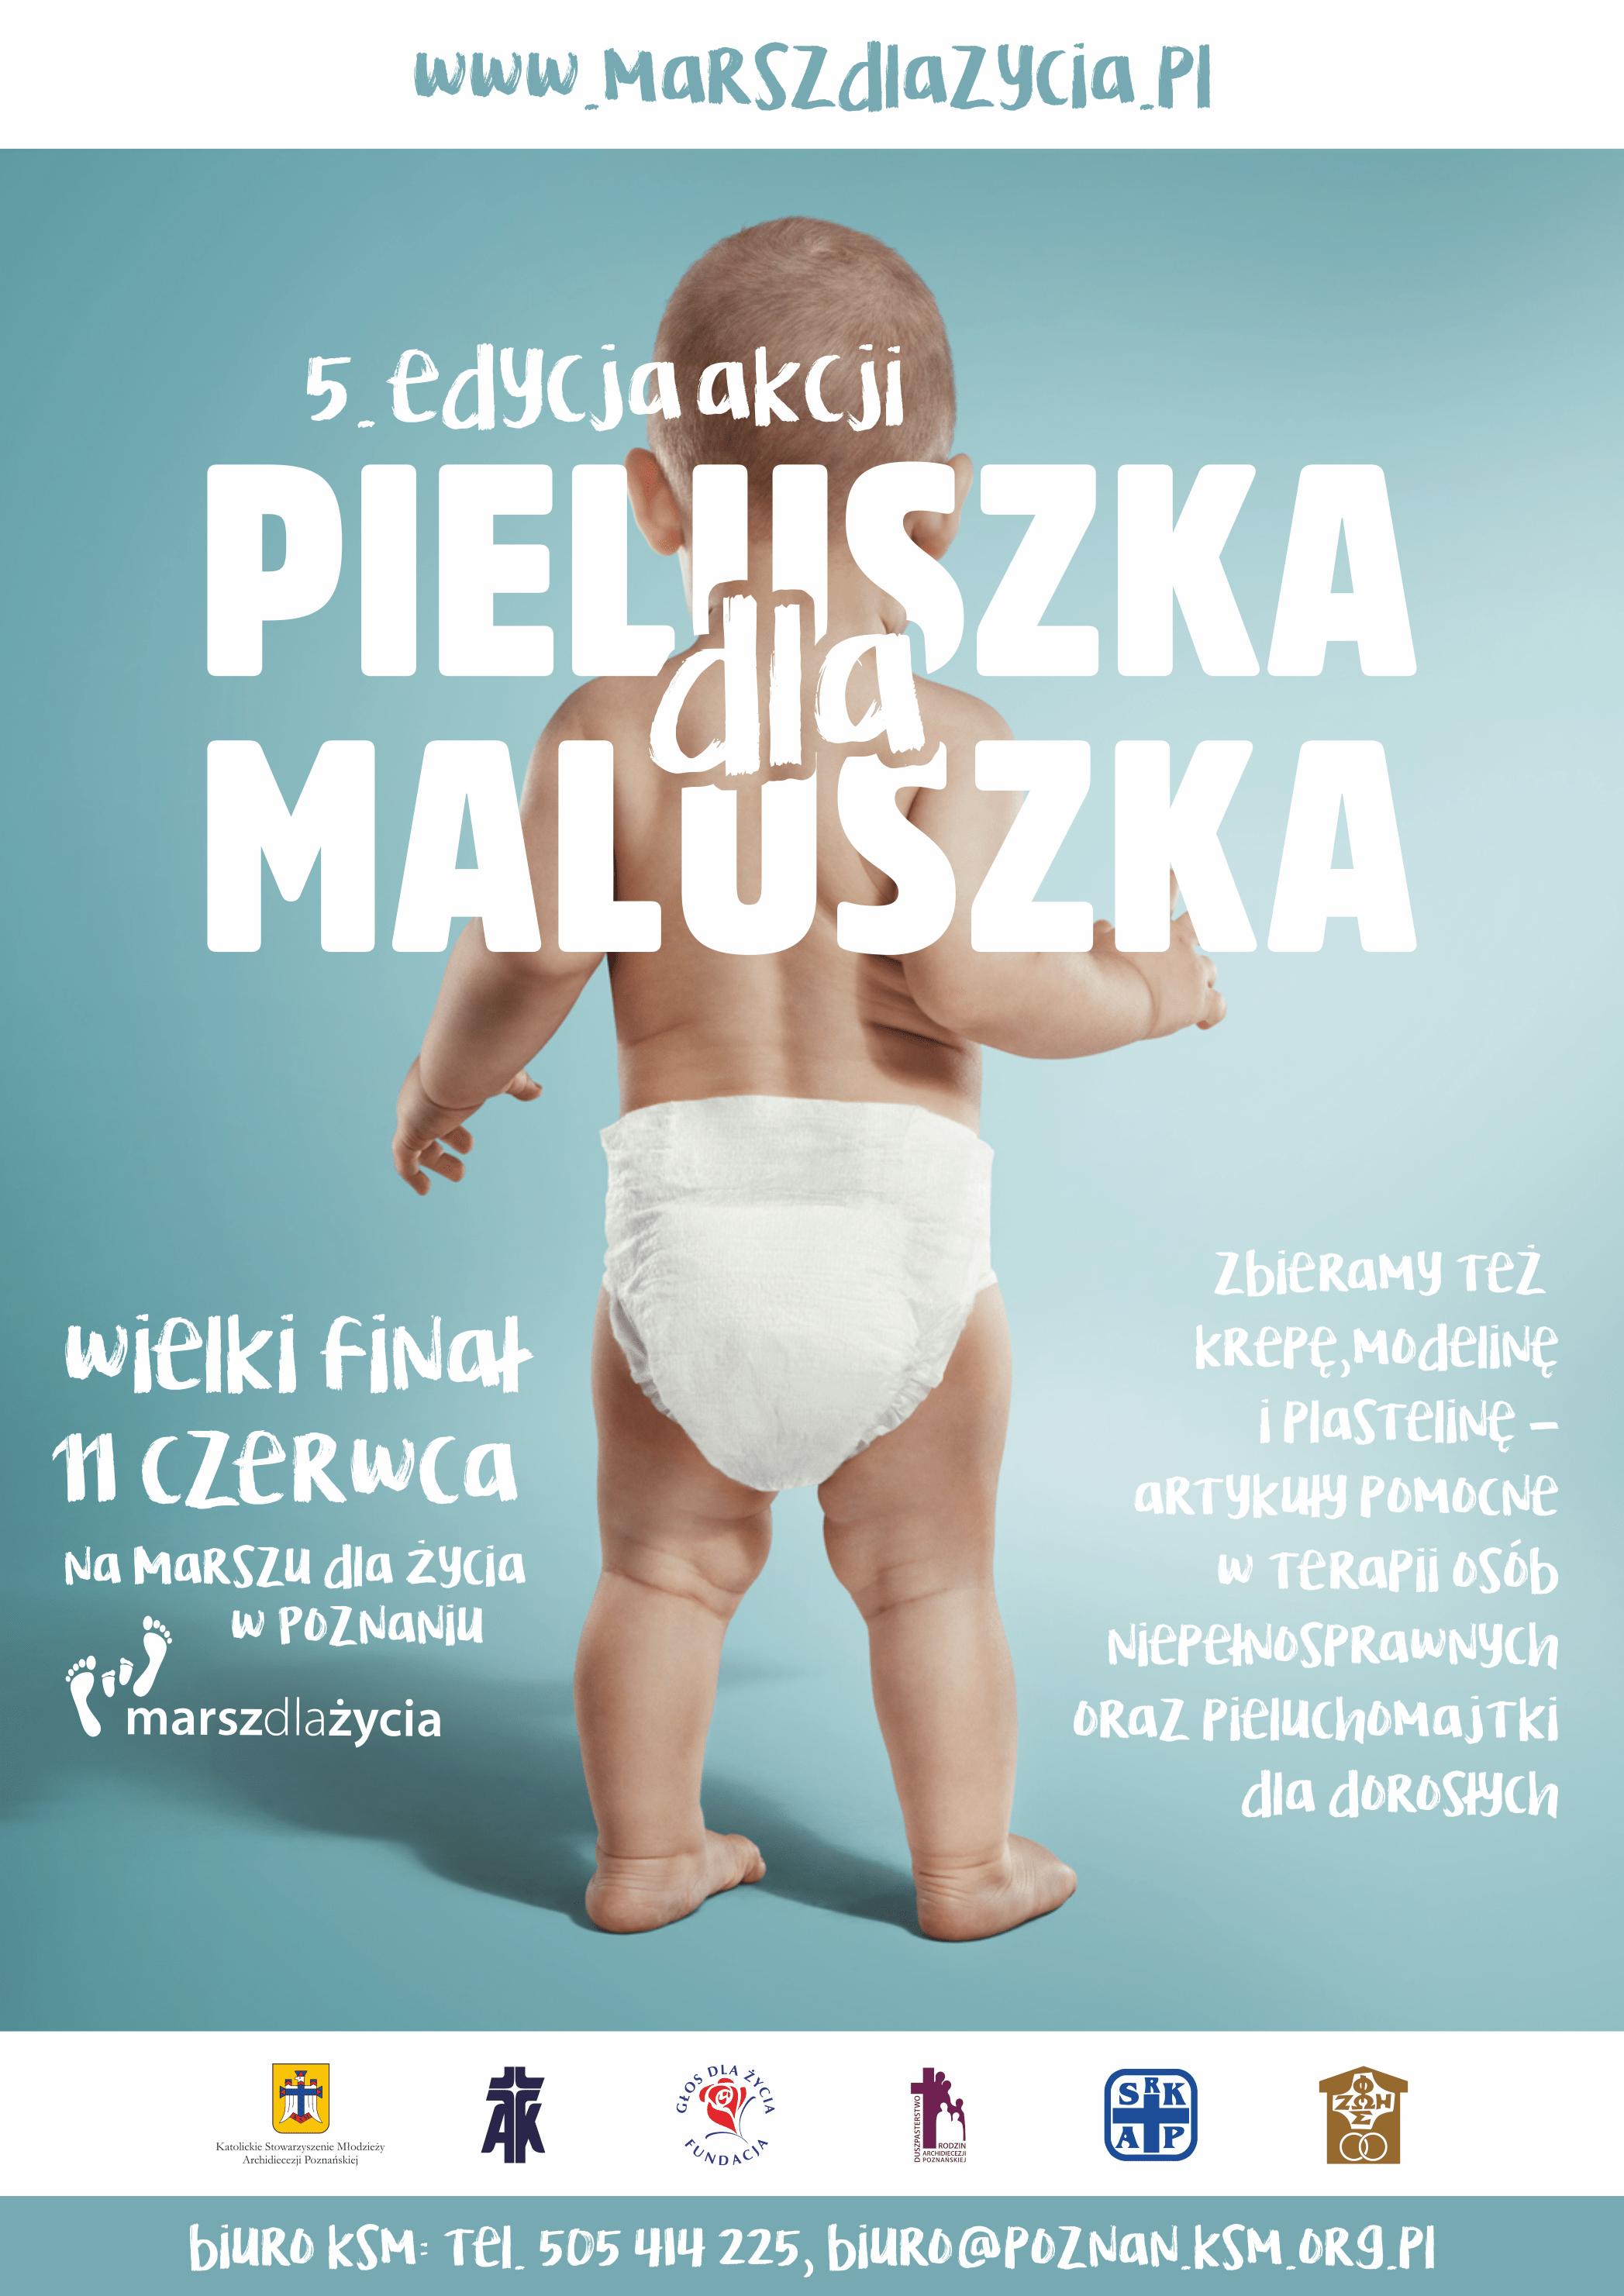 Pieluszka dla Maluszka - plakat